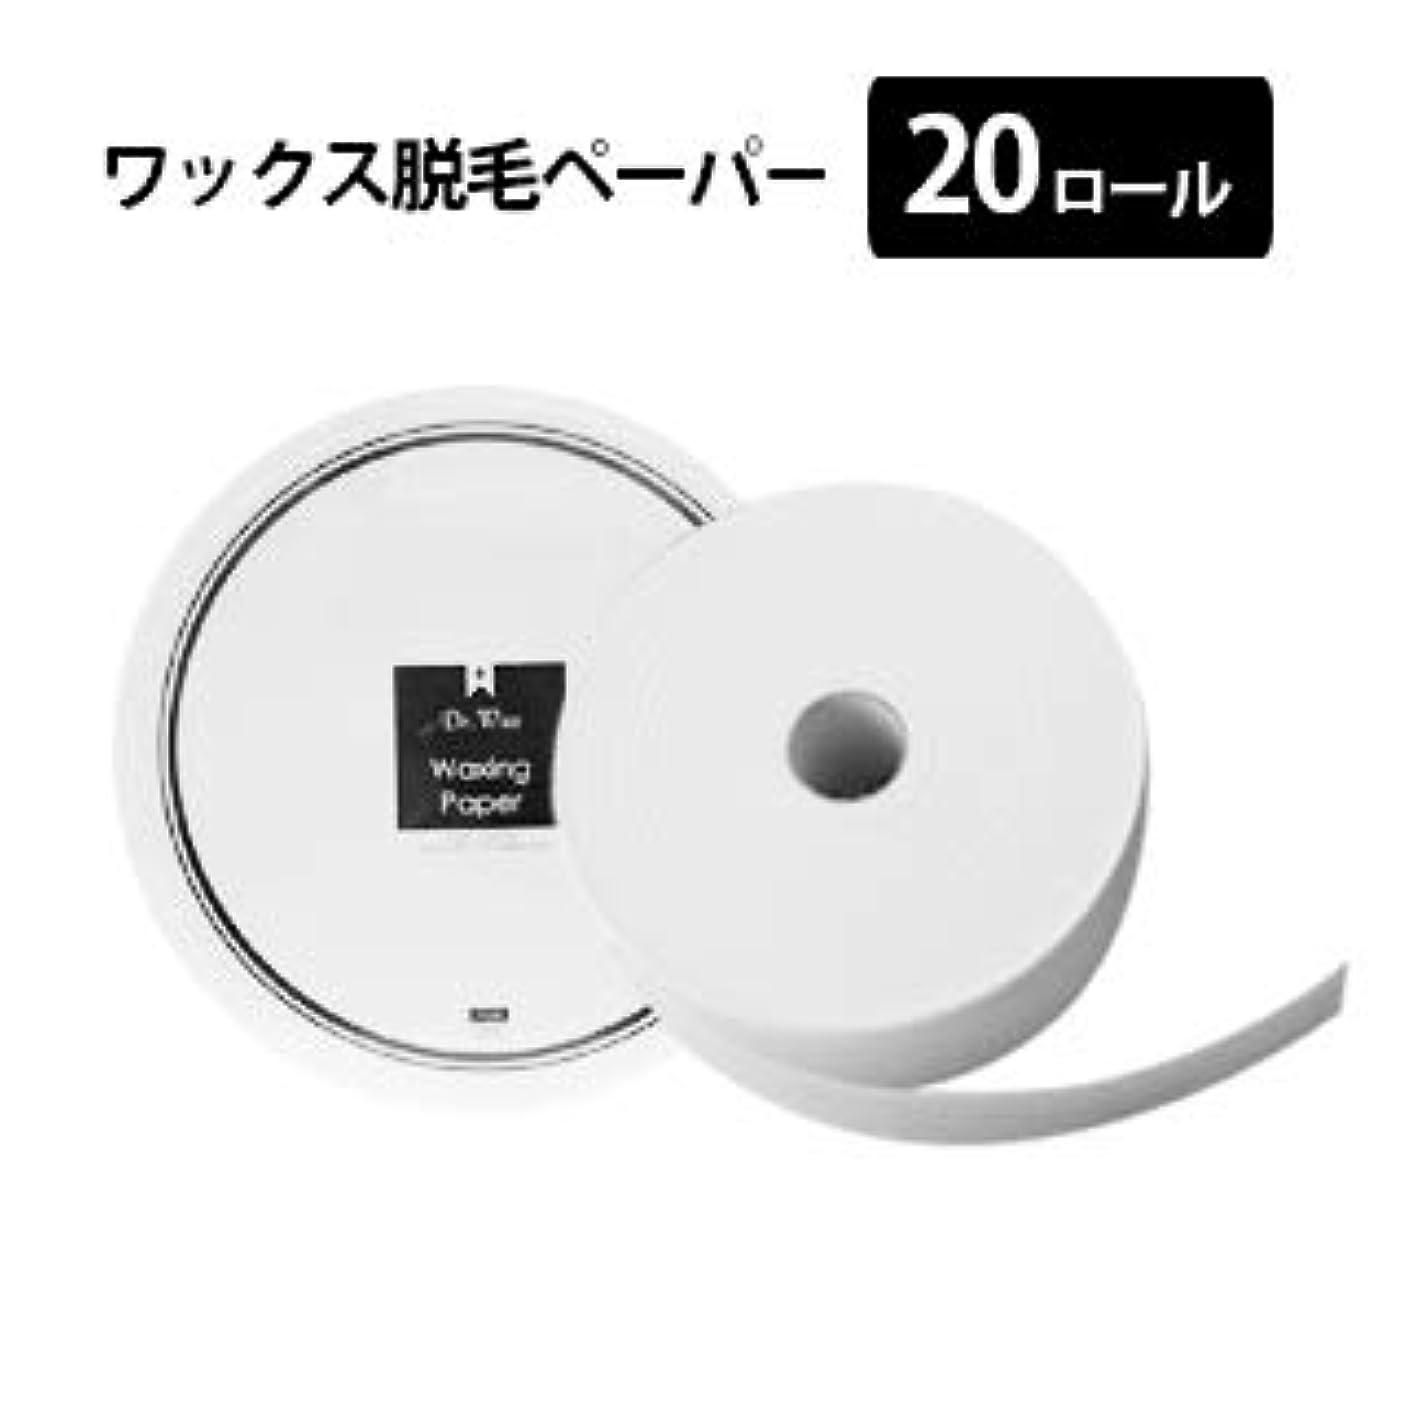 キャンセル意見思想【20ロール】ワックスロールペーパー 7cm スパンレース素材